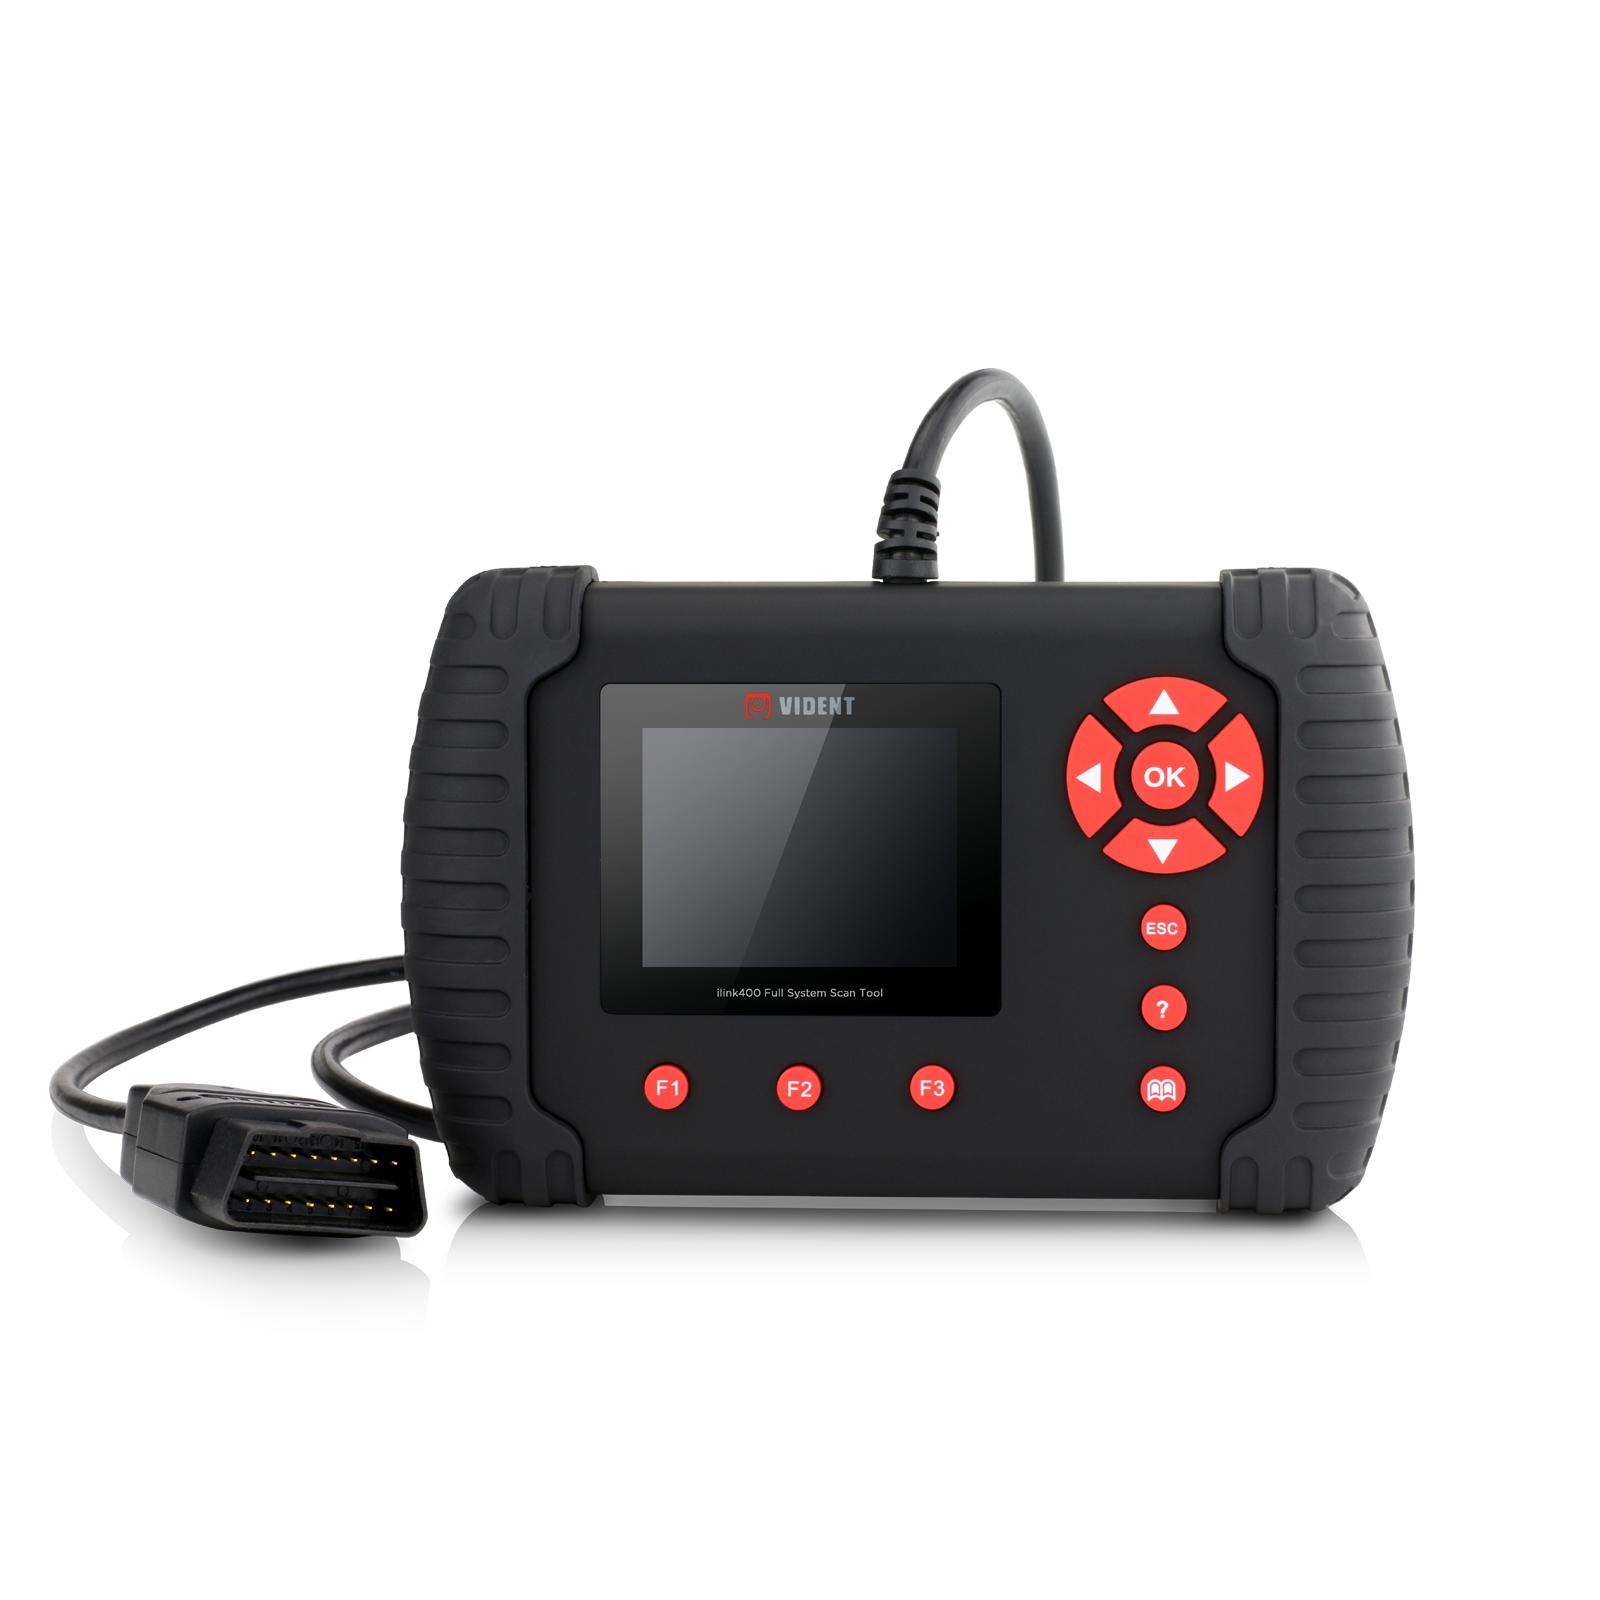 Gm General Motors Diagnostic Scanner Vident Ilink400 Full System Single Make New For Sale In